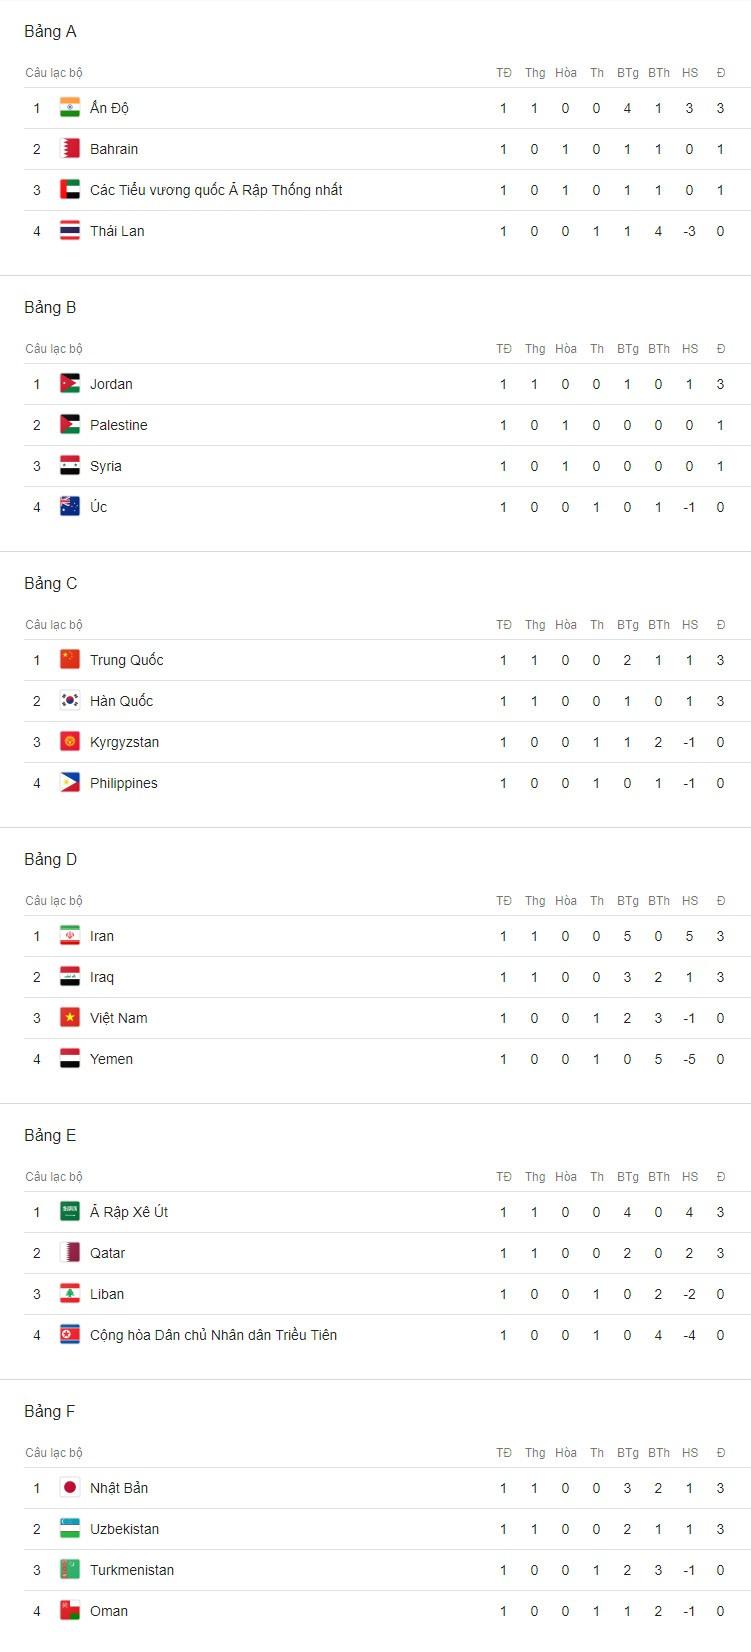 Bảng xếp hạng Asian Cup 2019 sau lượt đấu đầu tiên.